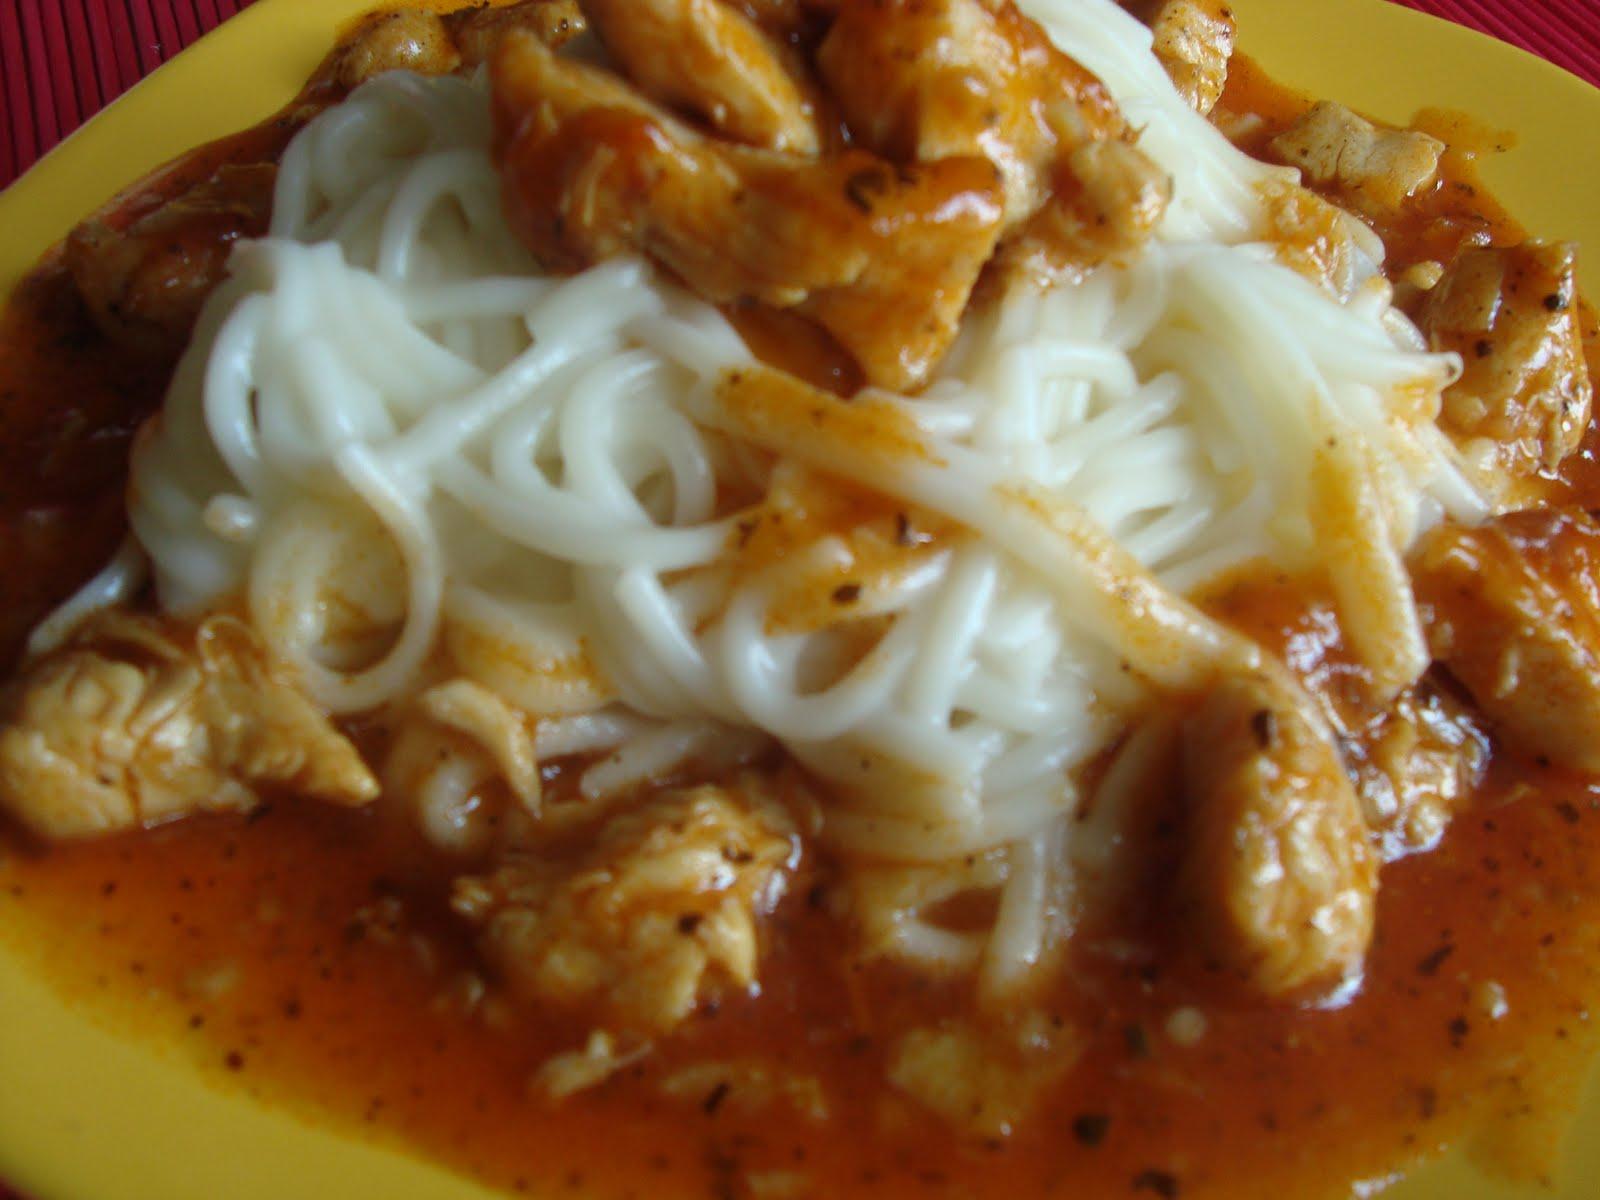 spaghete piept de pui - violeta postolache